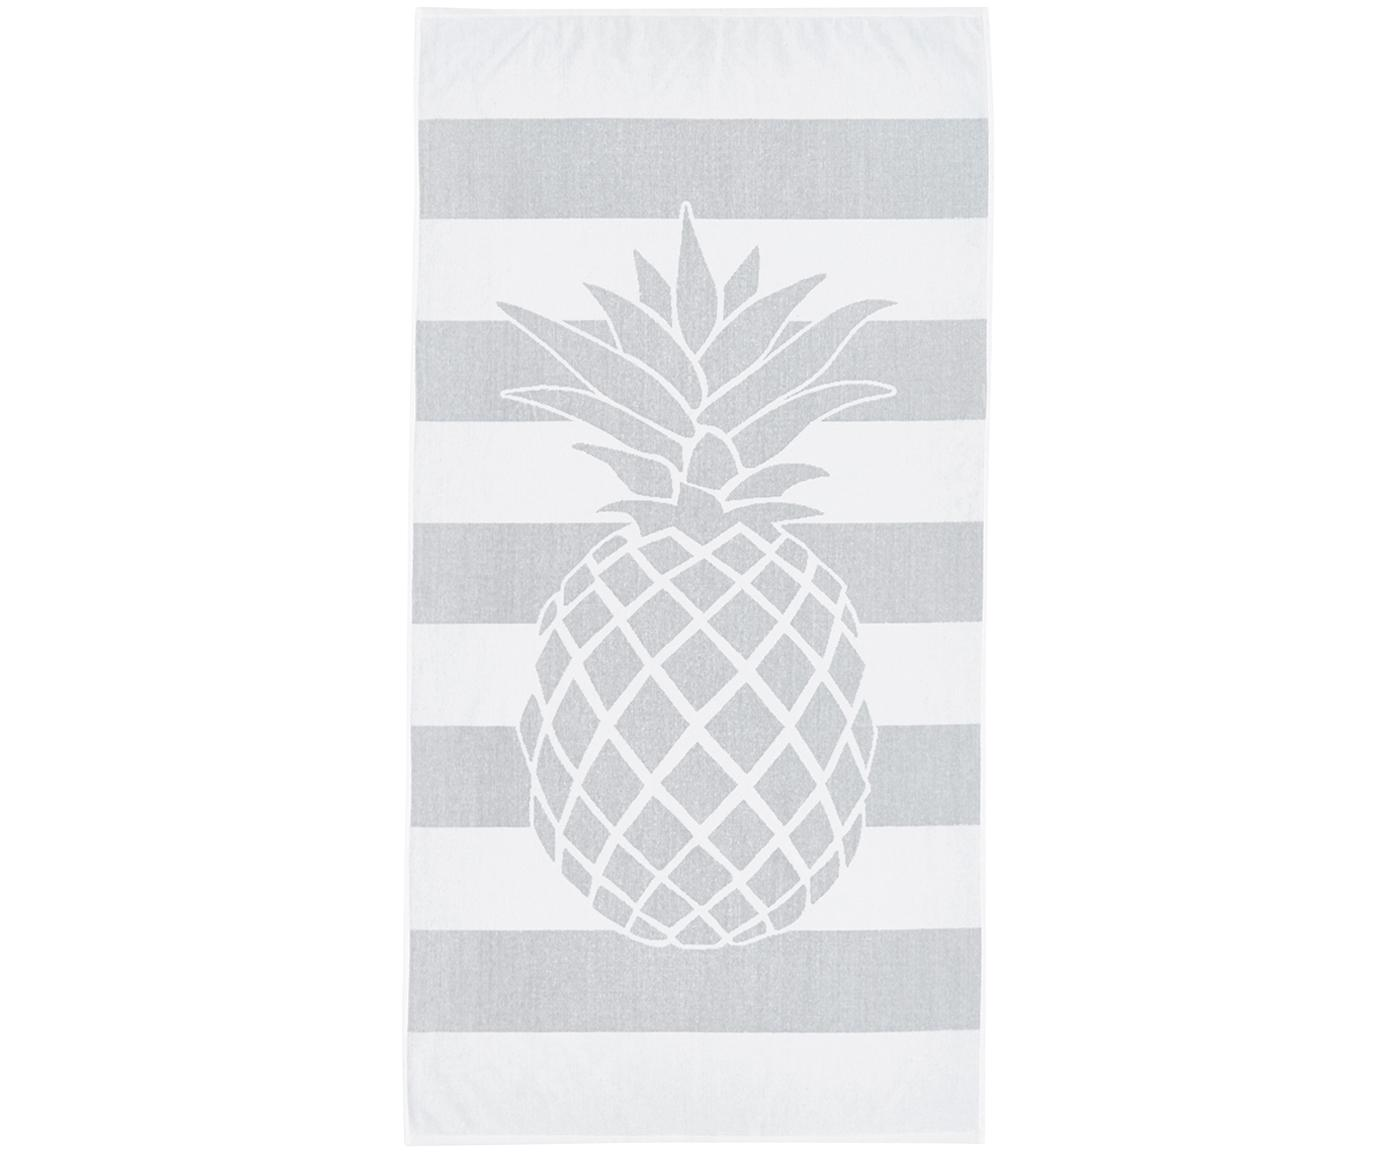 Toalla de playa Anas, Algodón Gramaje ligero 380g/m², Gris, blanco, An 80 x L 160 cm